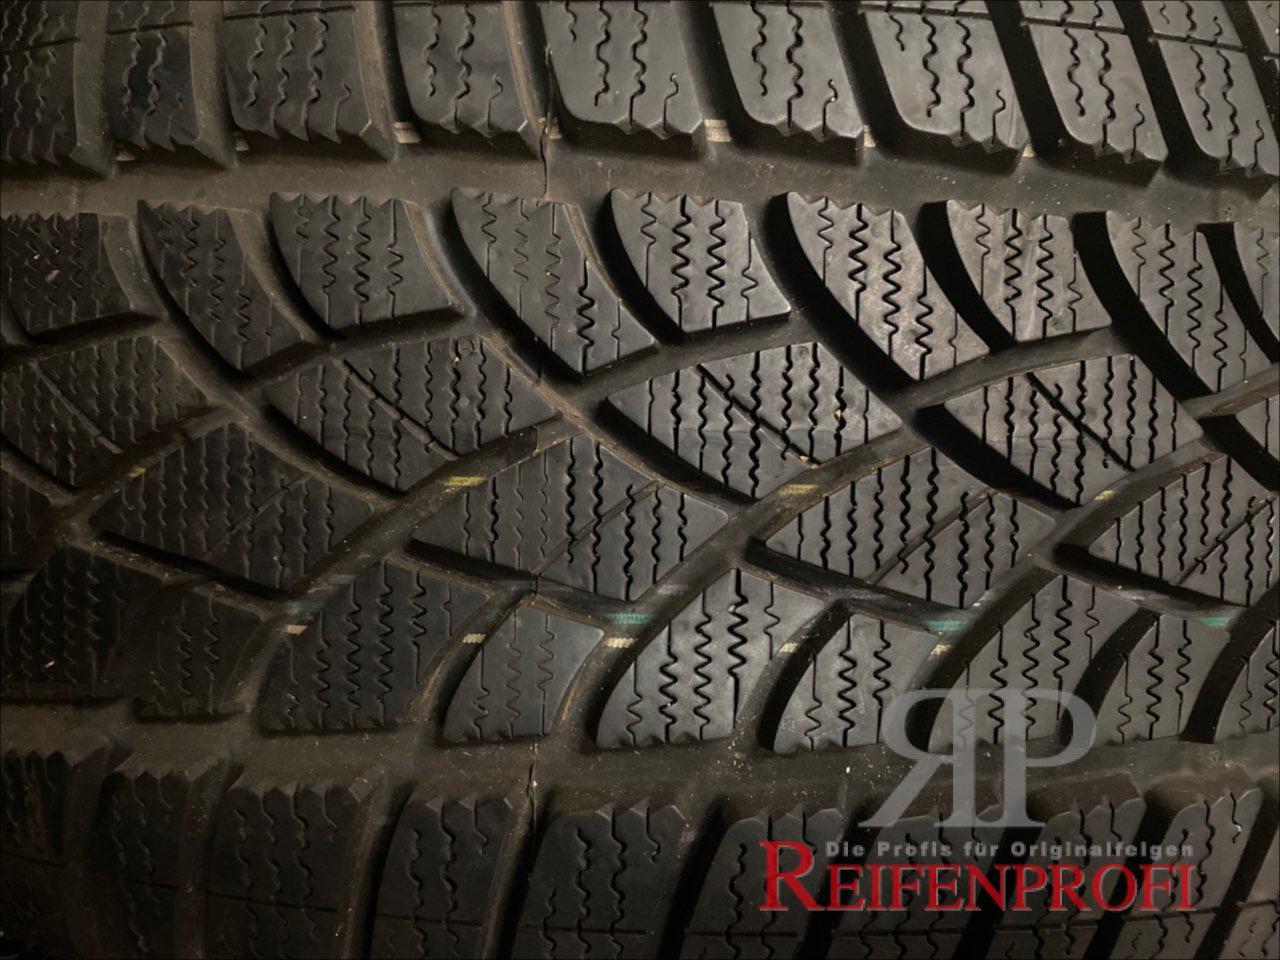 Dunlop SPORT INVERNALI 3d 235//50 r19 103h AO PNEUMATICI INVERNALI DOT 15 7,5mm rp19